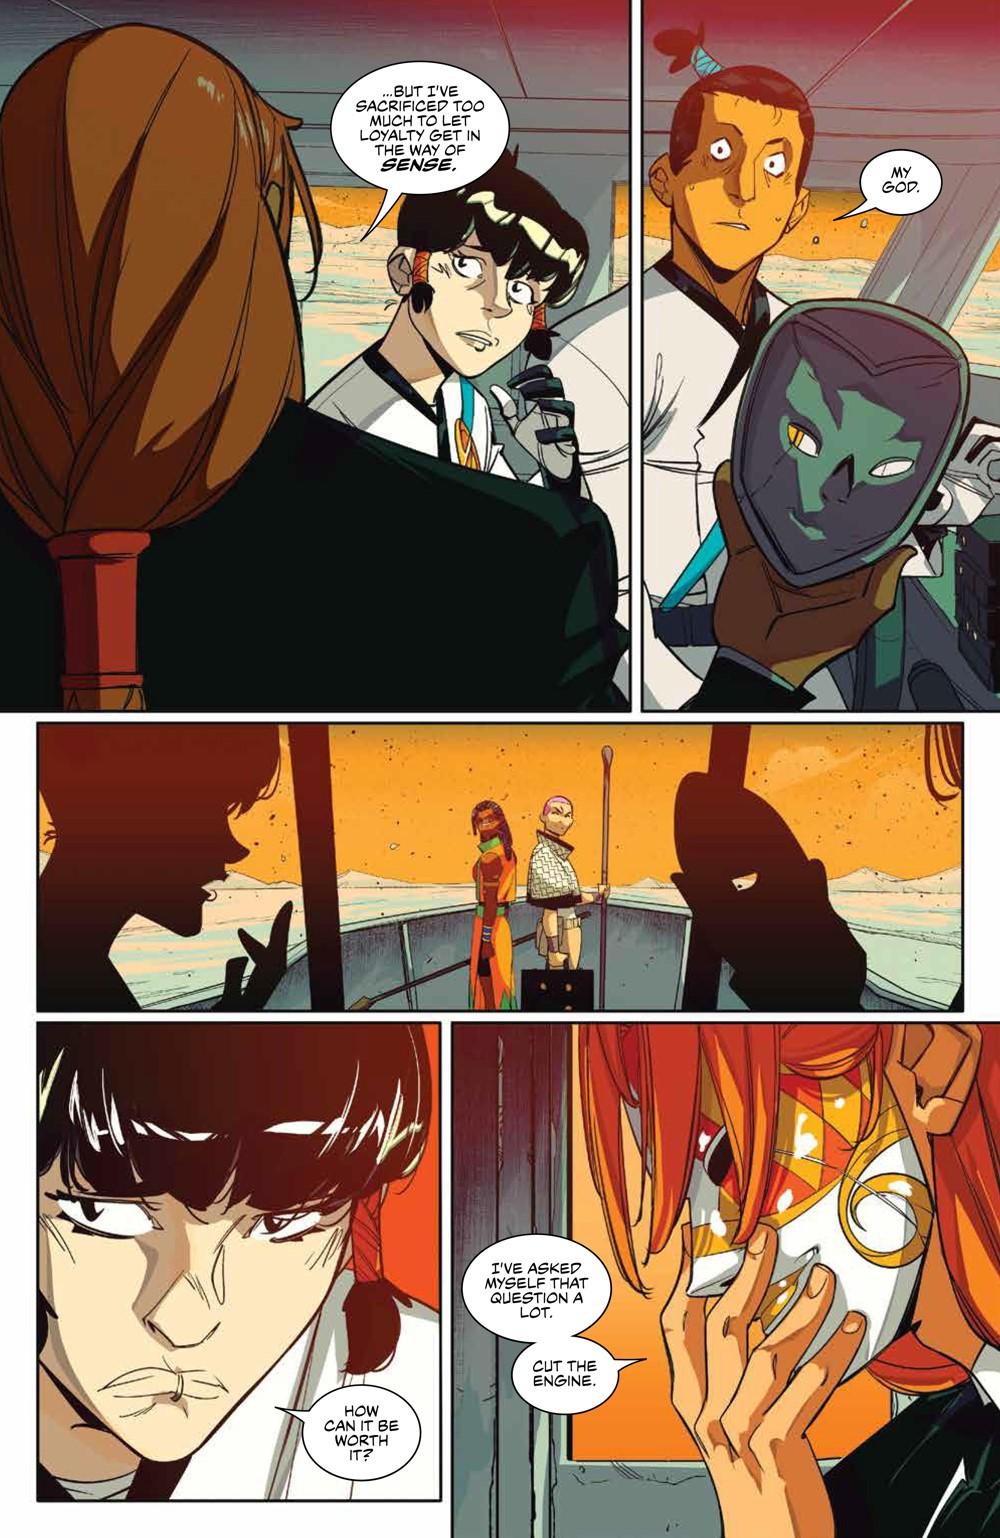 SevenSecrets_011_PRESS_5 ComicList Previews: SEVEN SECRETS #11